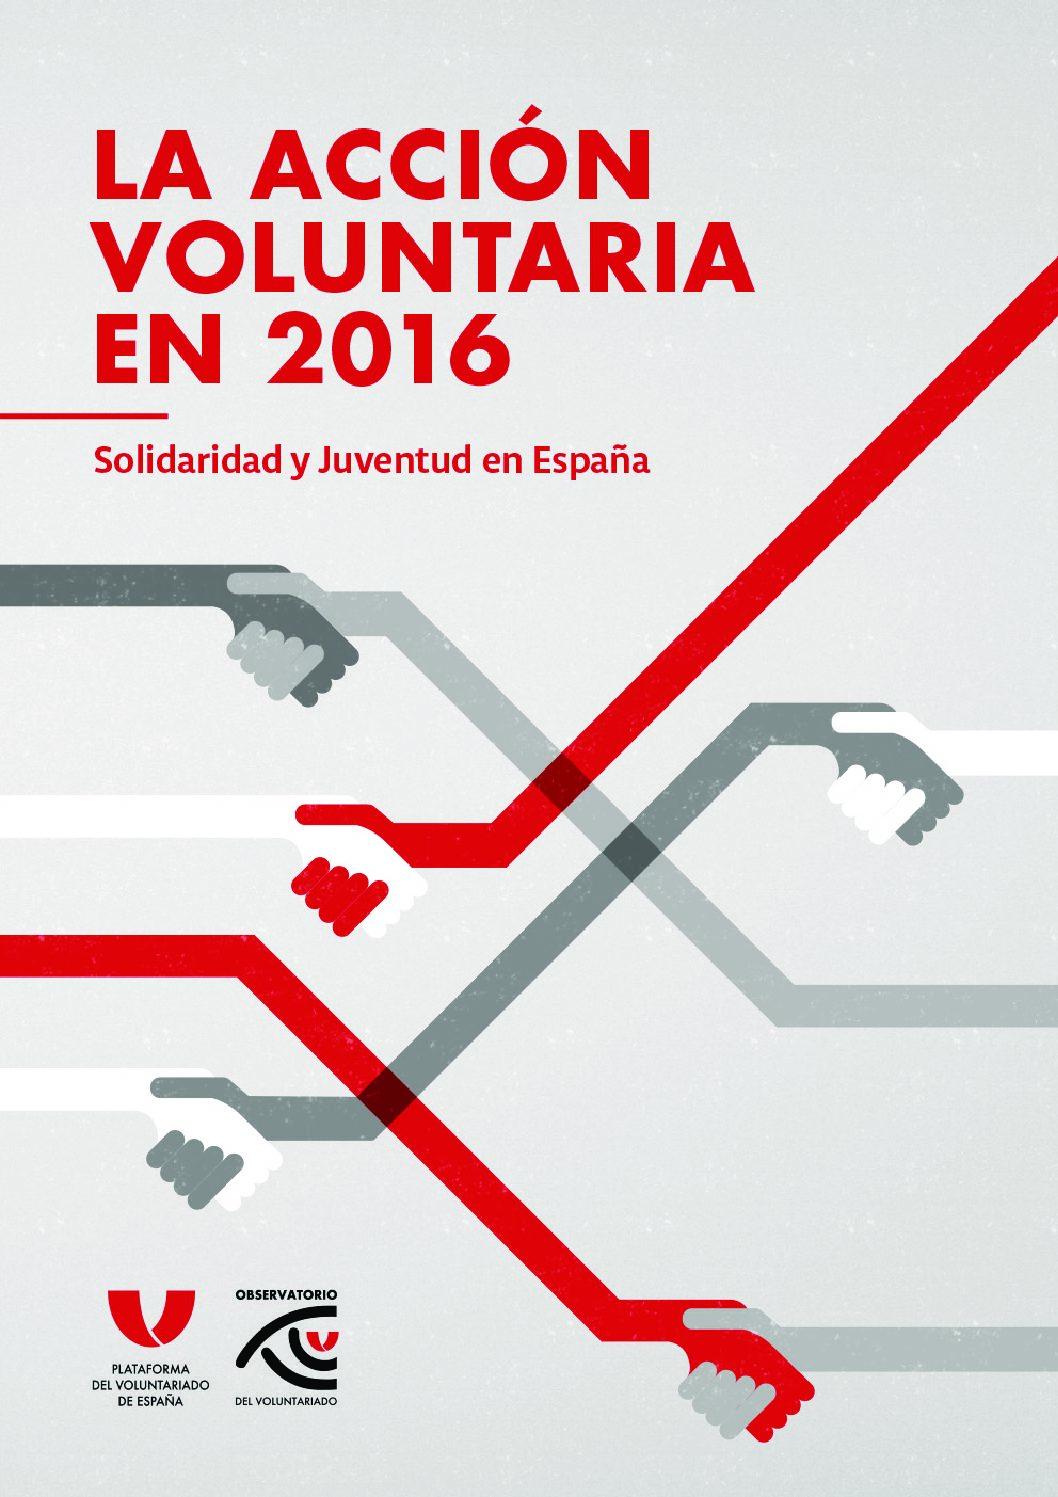 solidaridad-y-juventud-en-espana-la-accion-voluntaria-en-2016